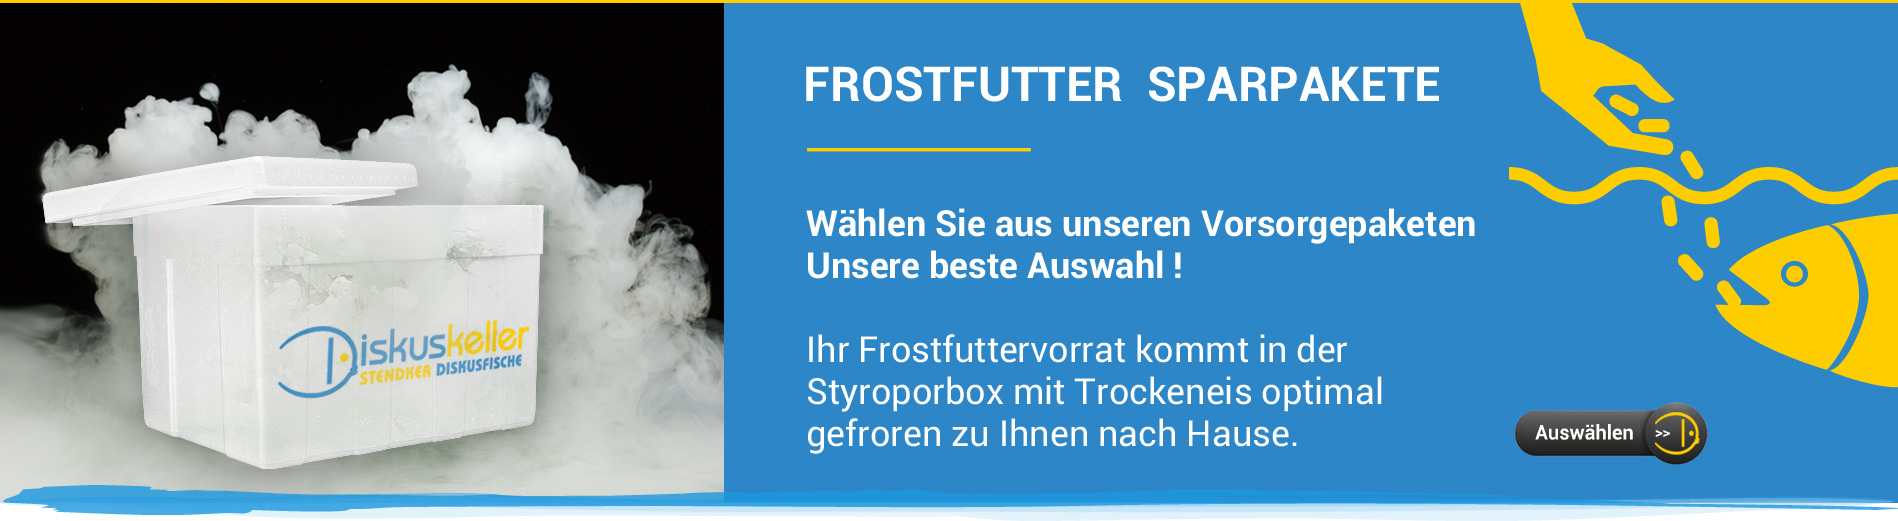 Slider-Frostfuttersparpakete